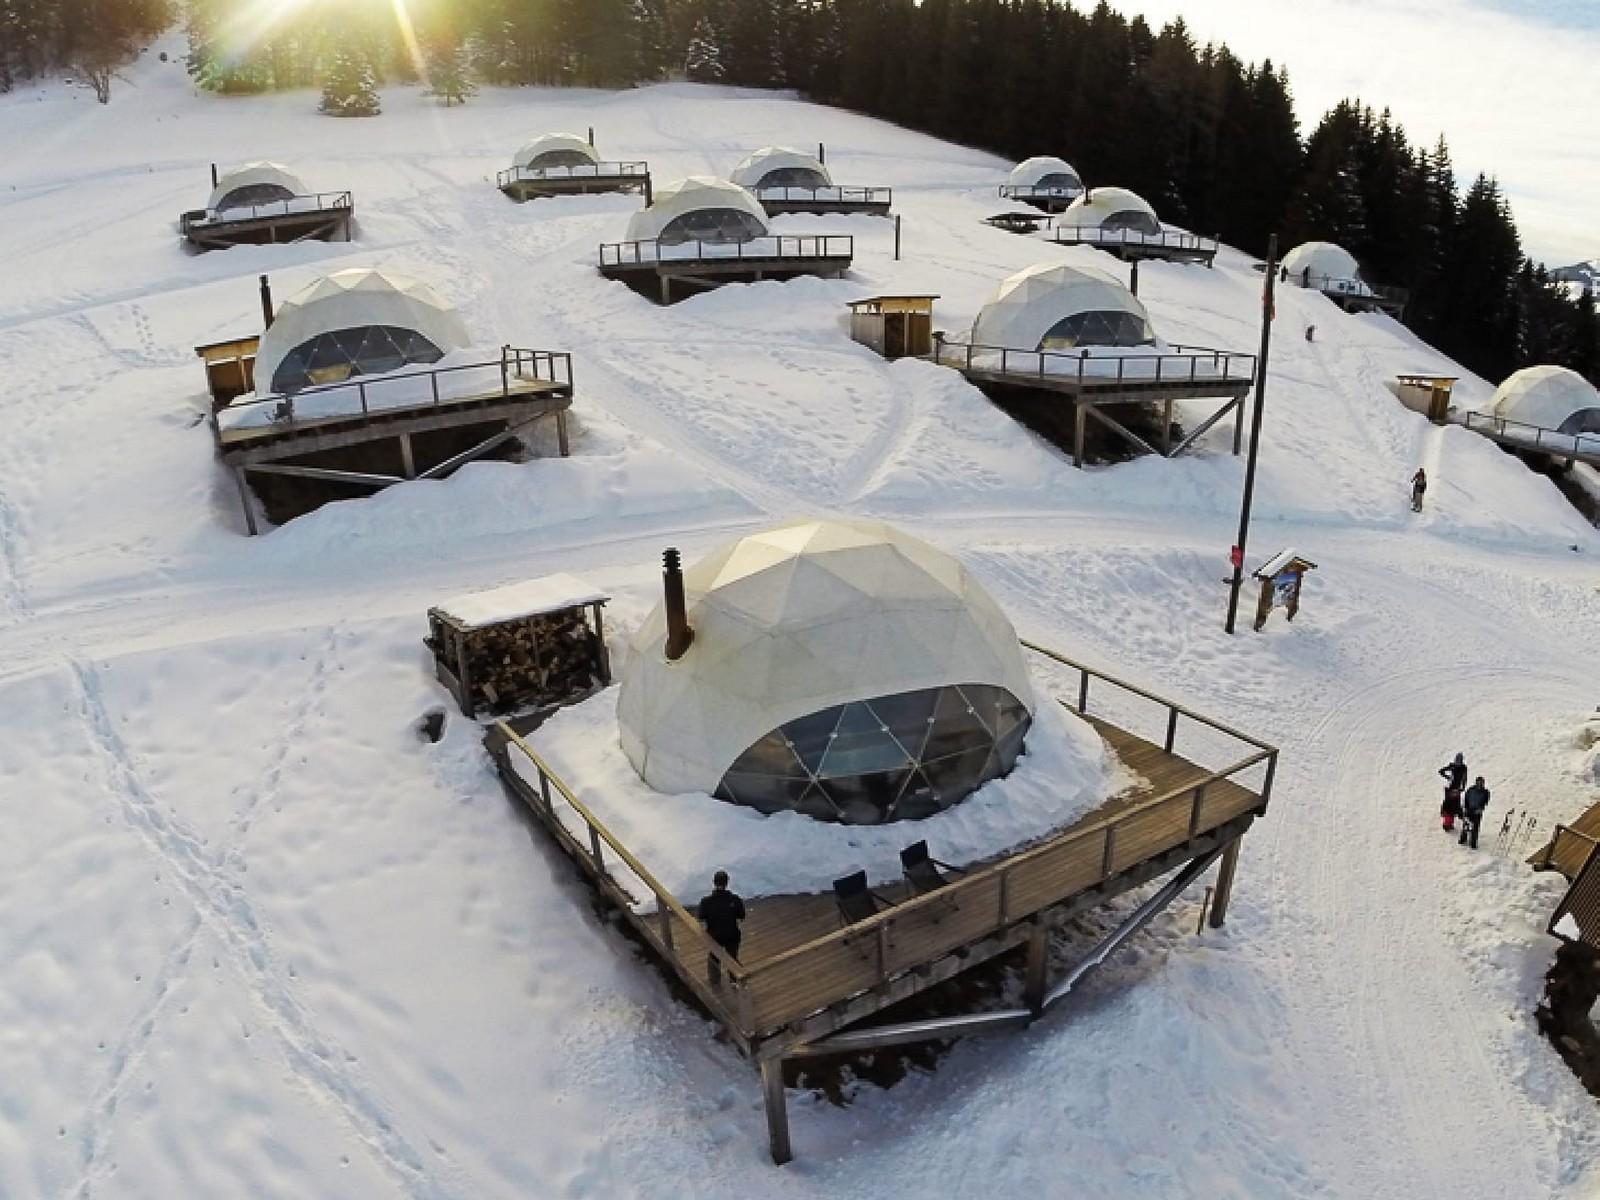 Séminaire insolite Haute Savoie sous yourte